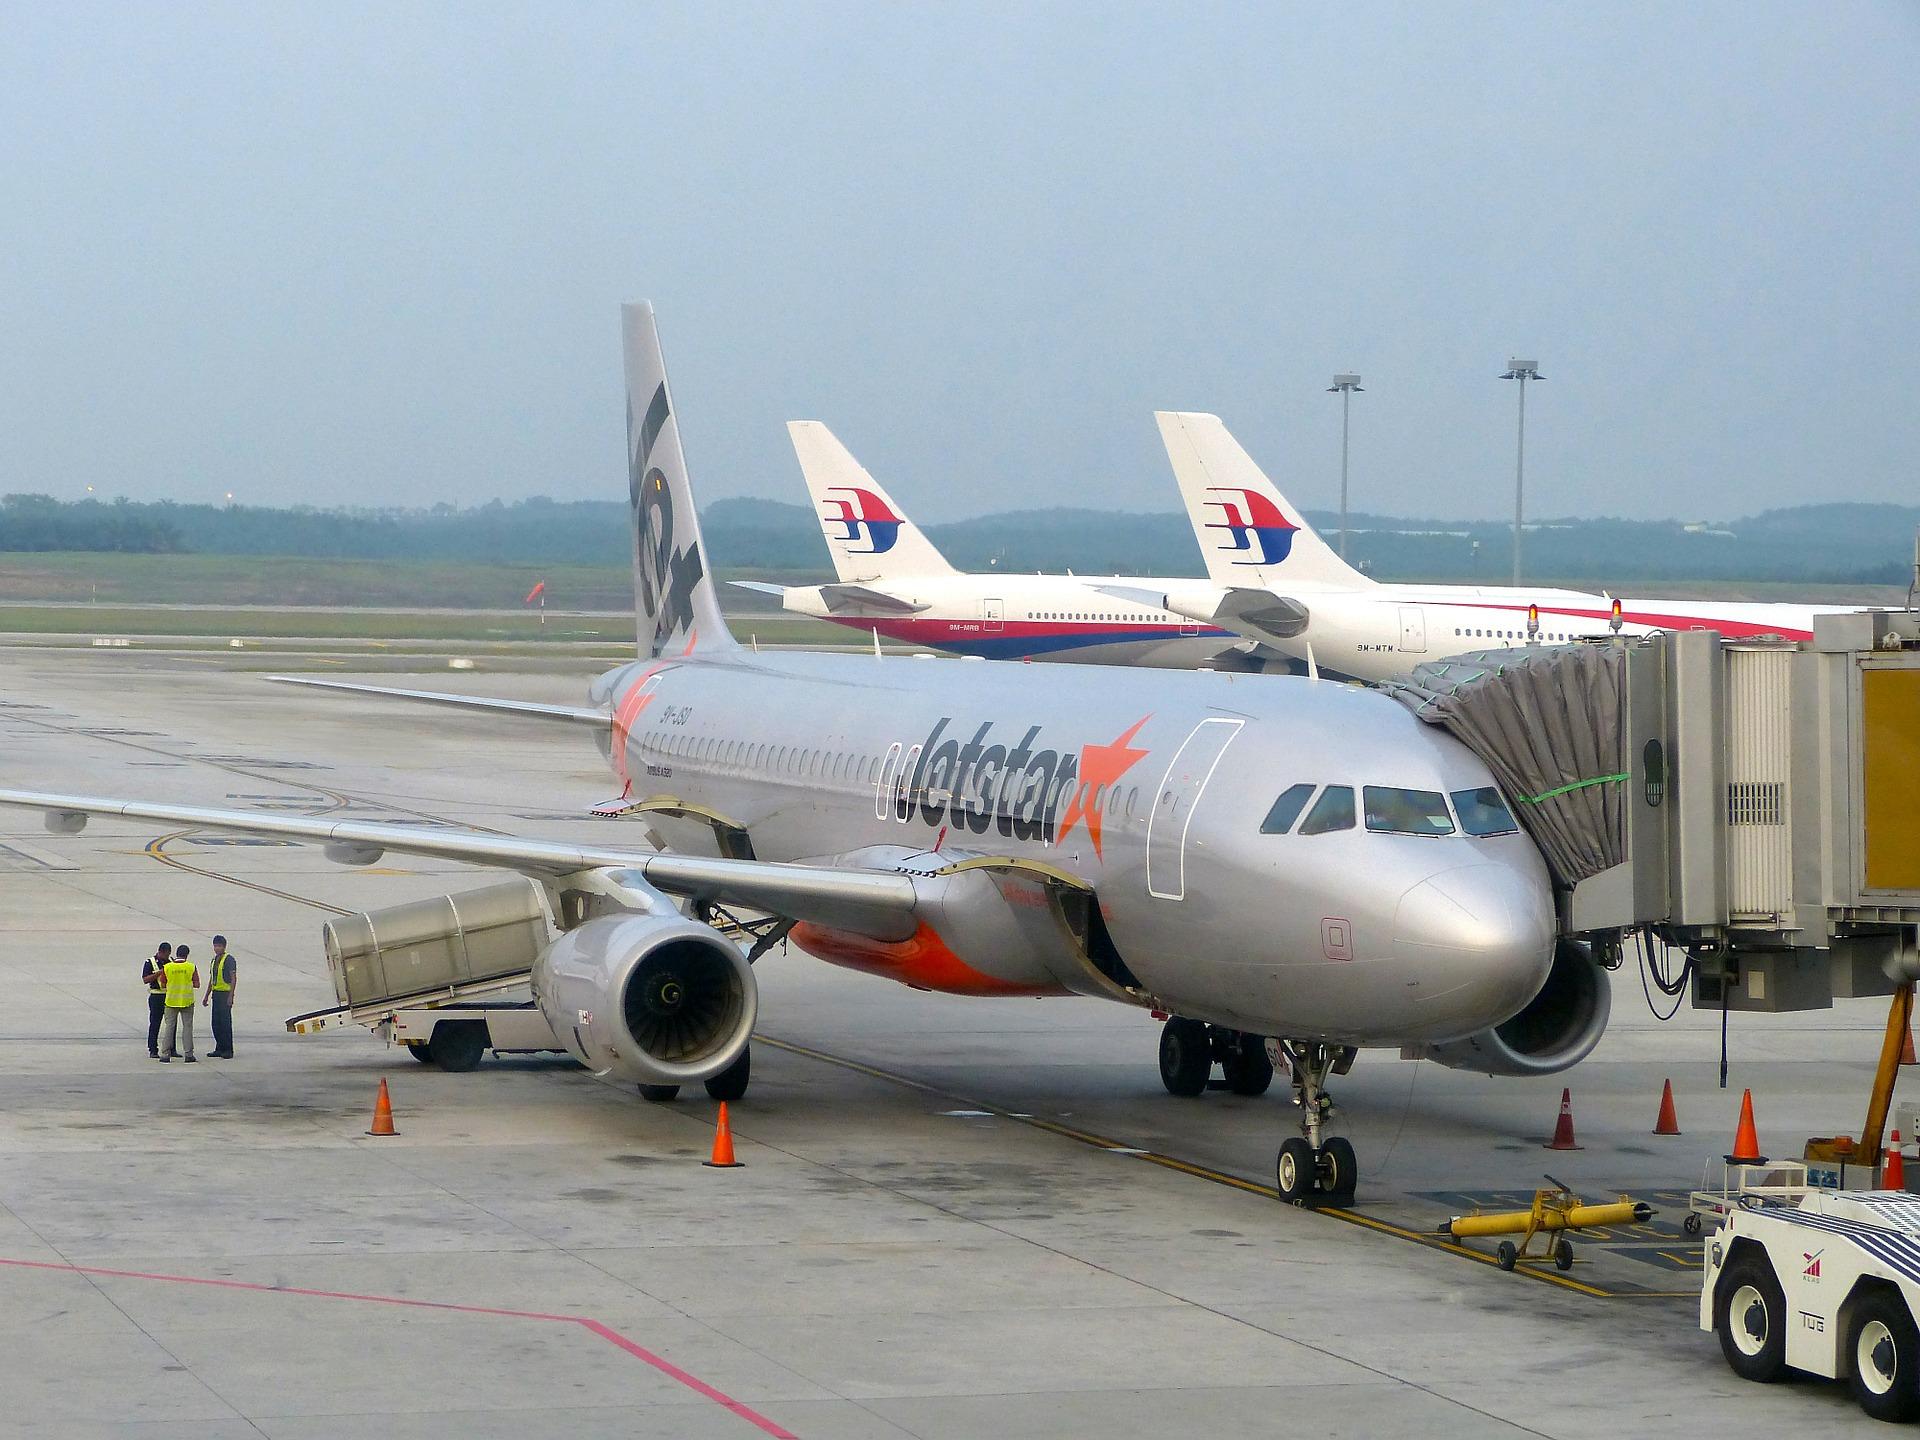 Jetstar A320 2